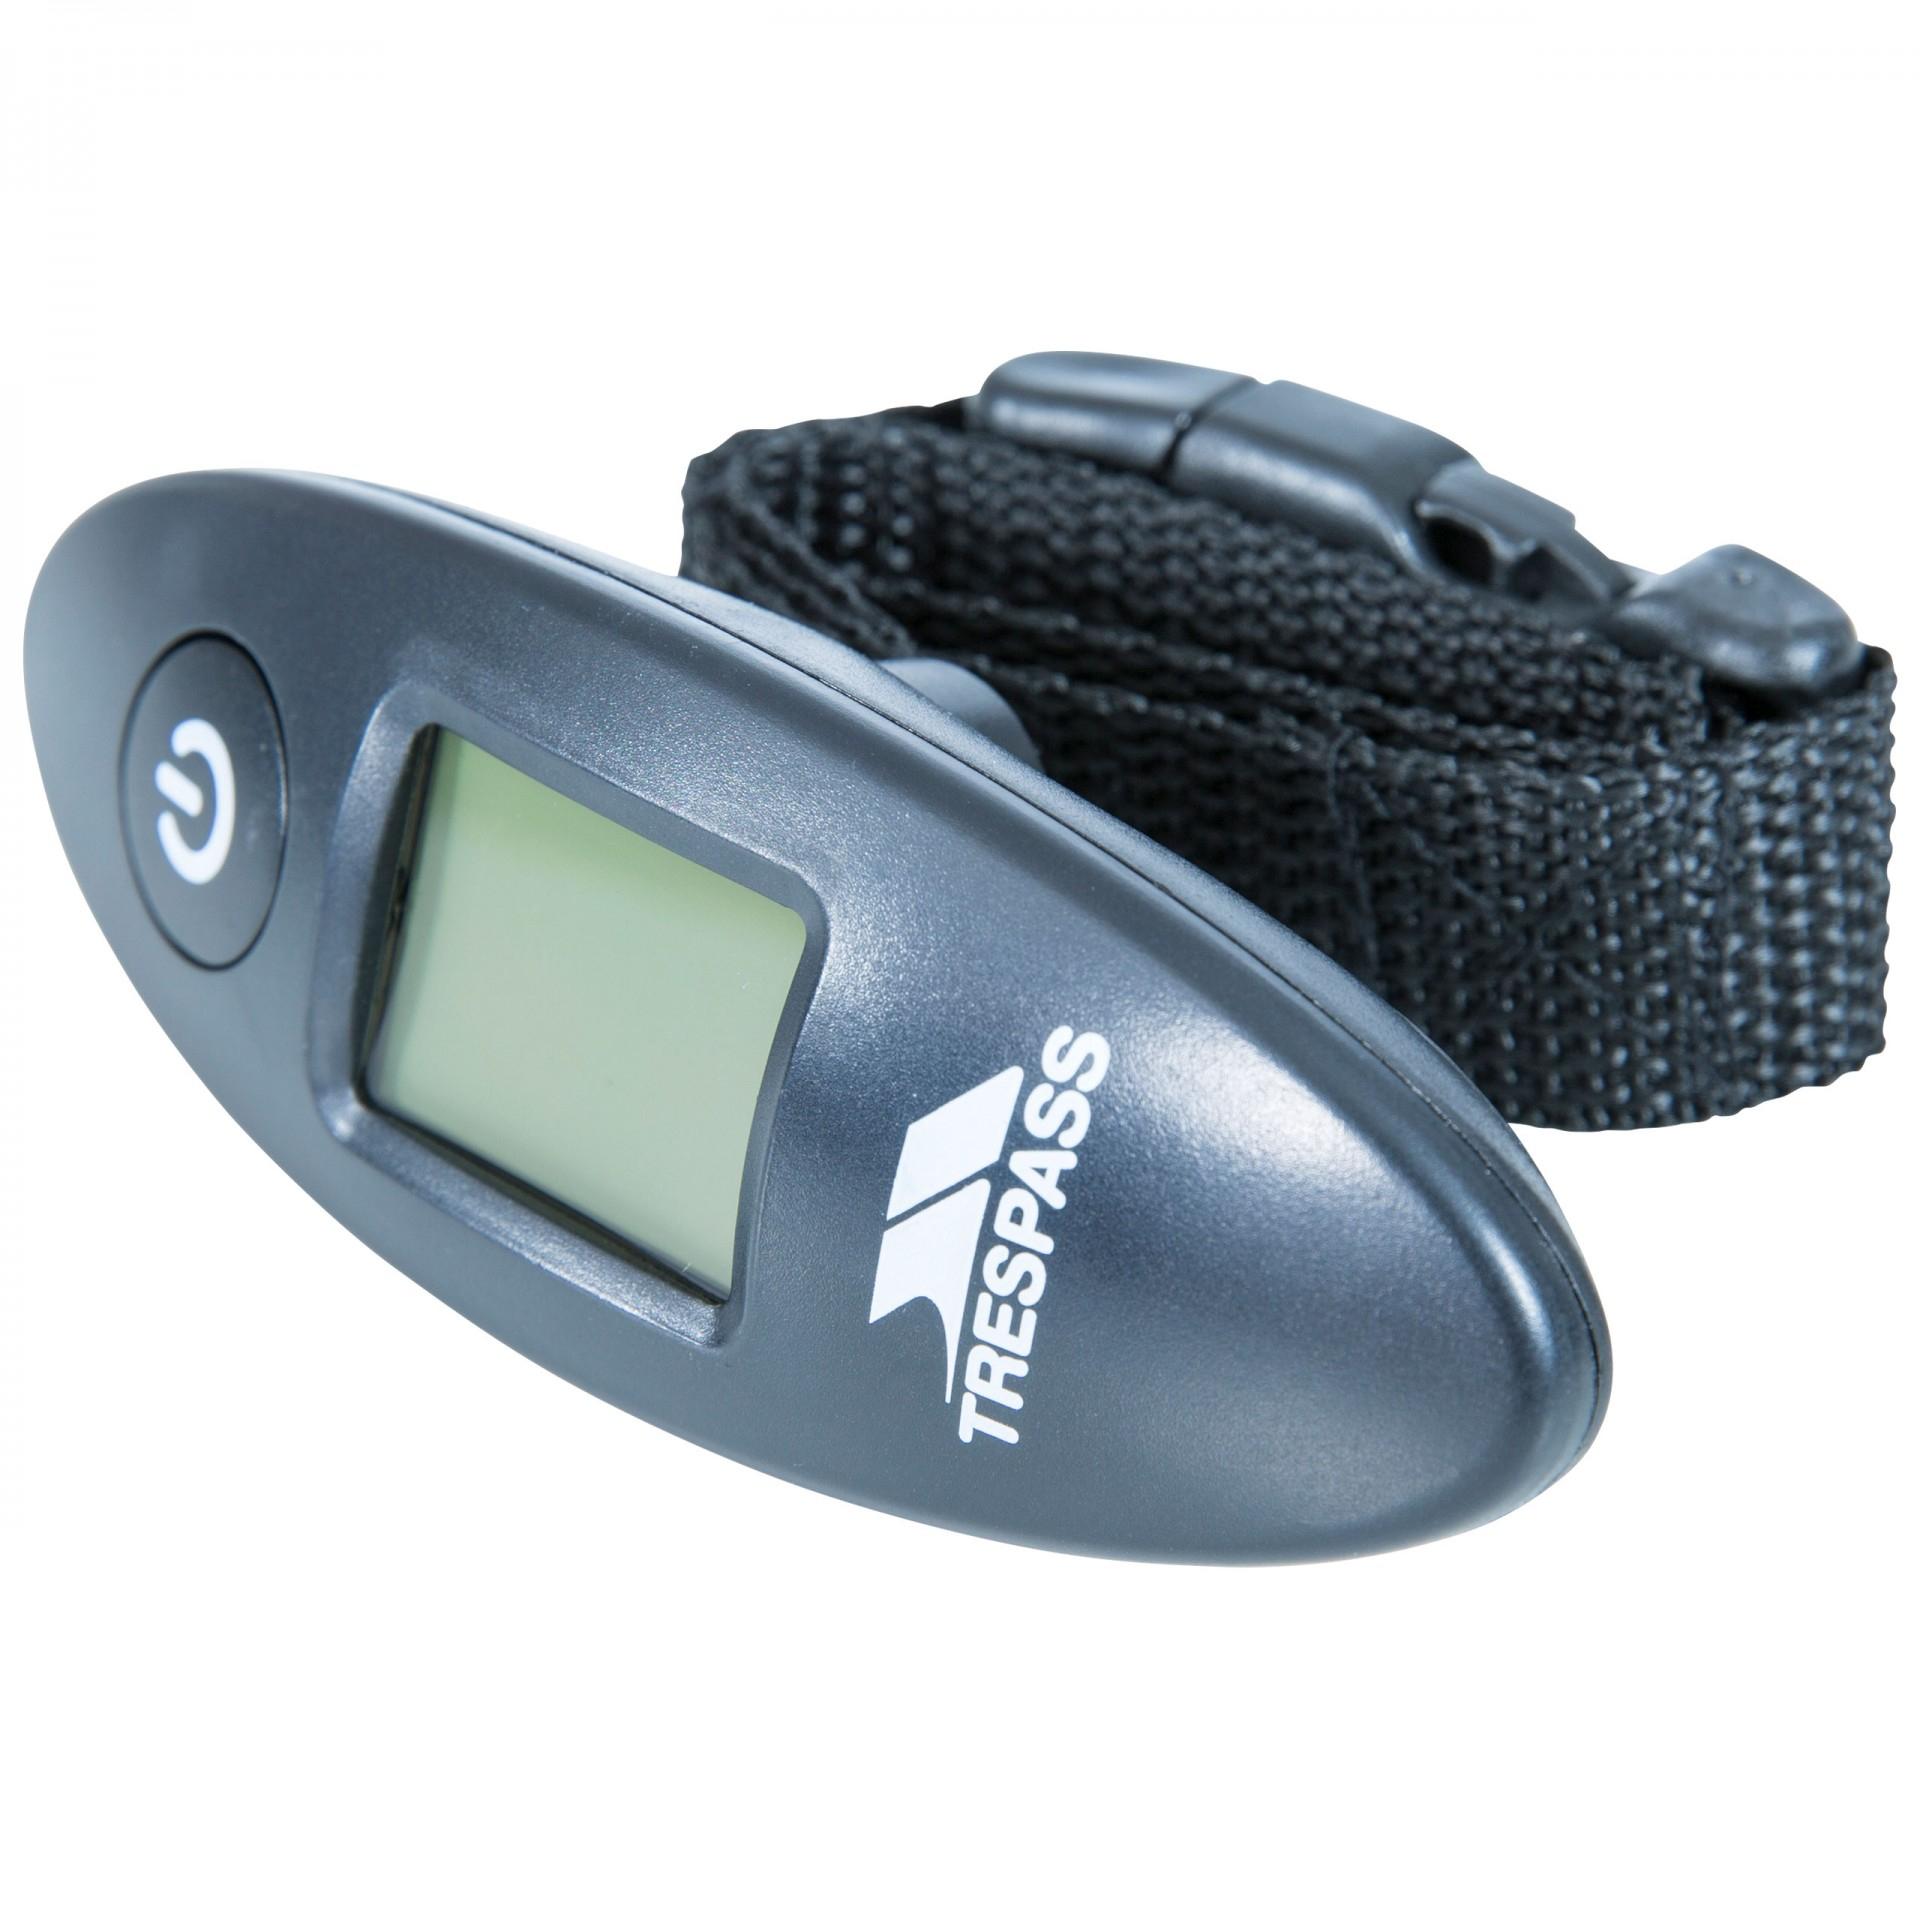 Trespass Weighing Scale Digital - £6.29 at Trespass Shop